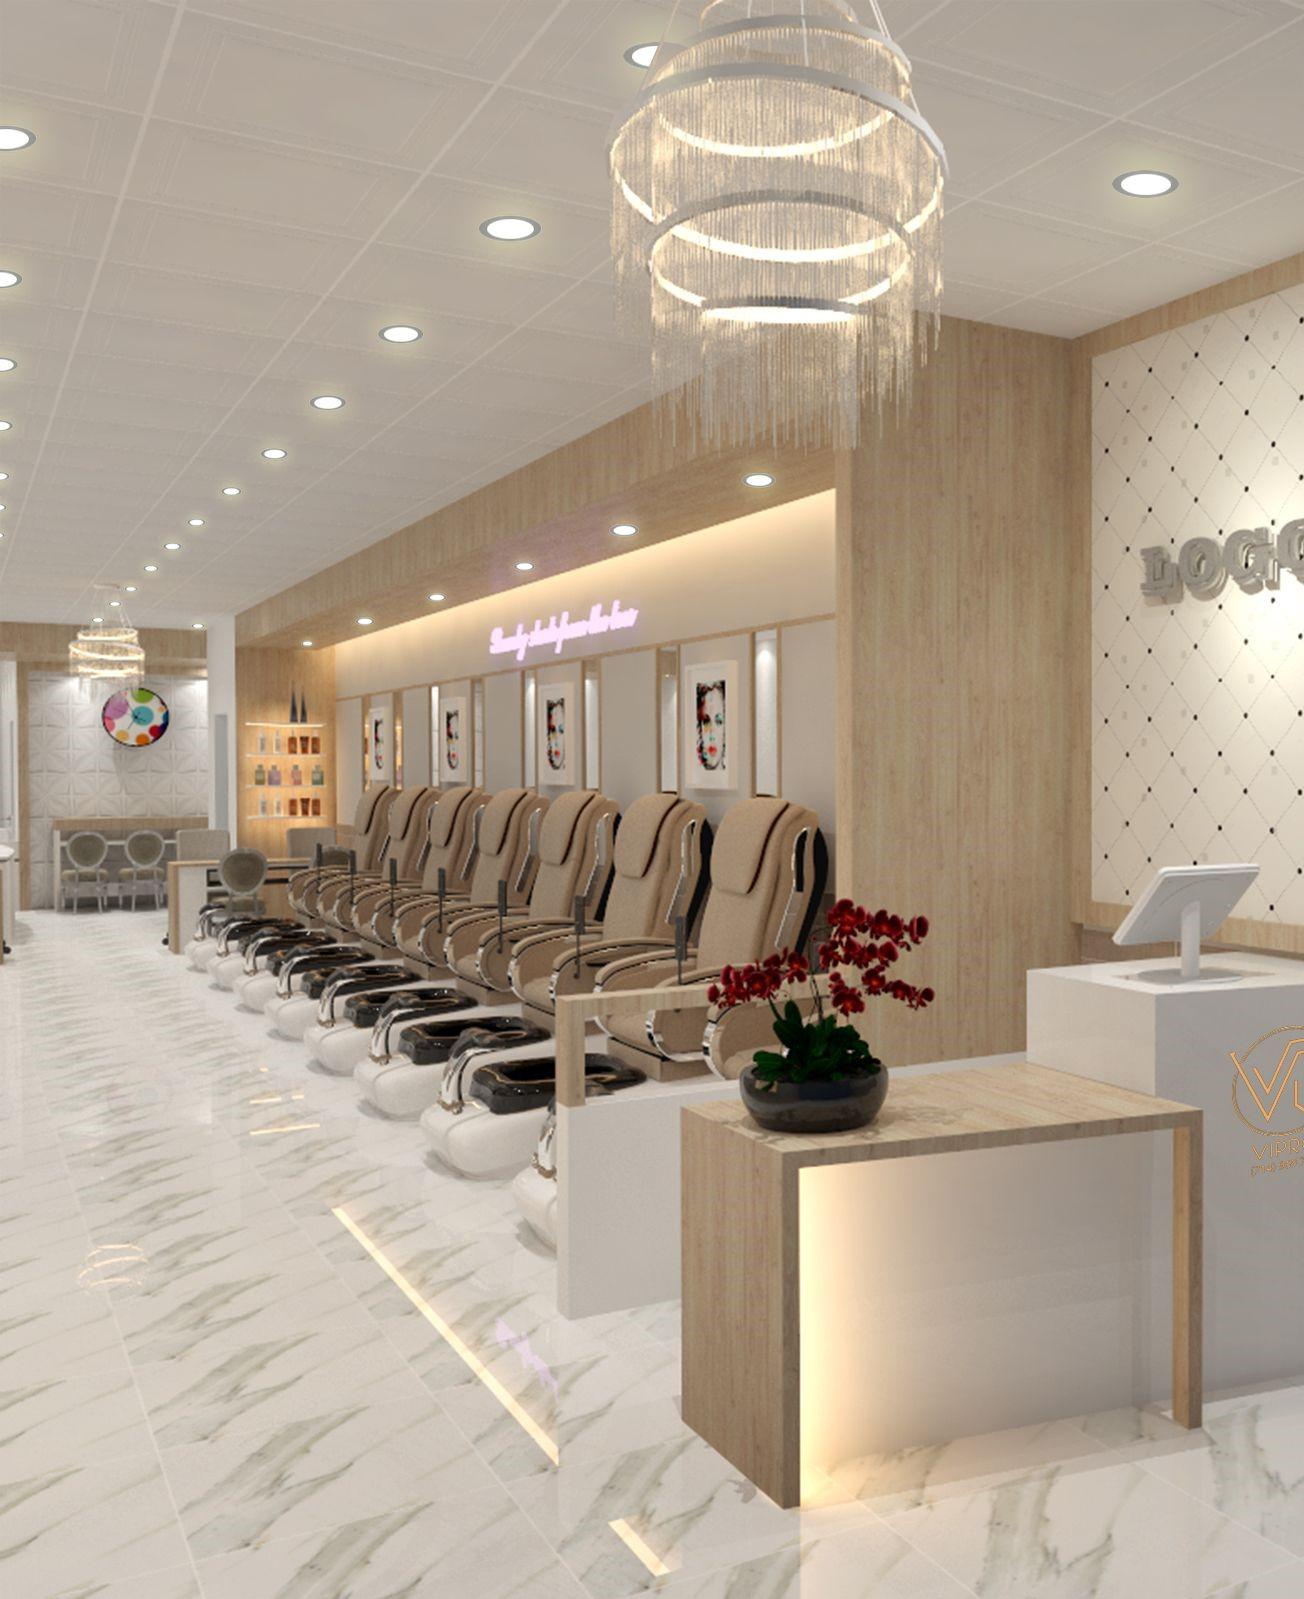 Ghế Spa Pedicure có sử dụng hệ thống massage